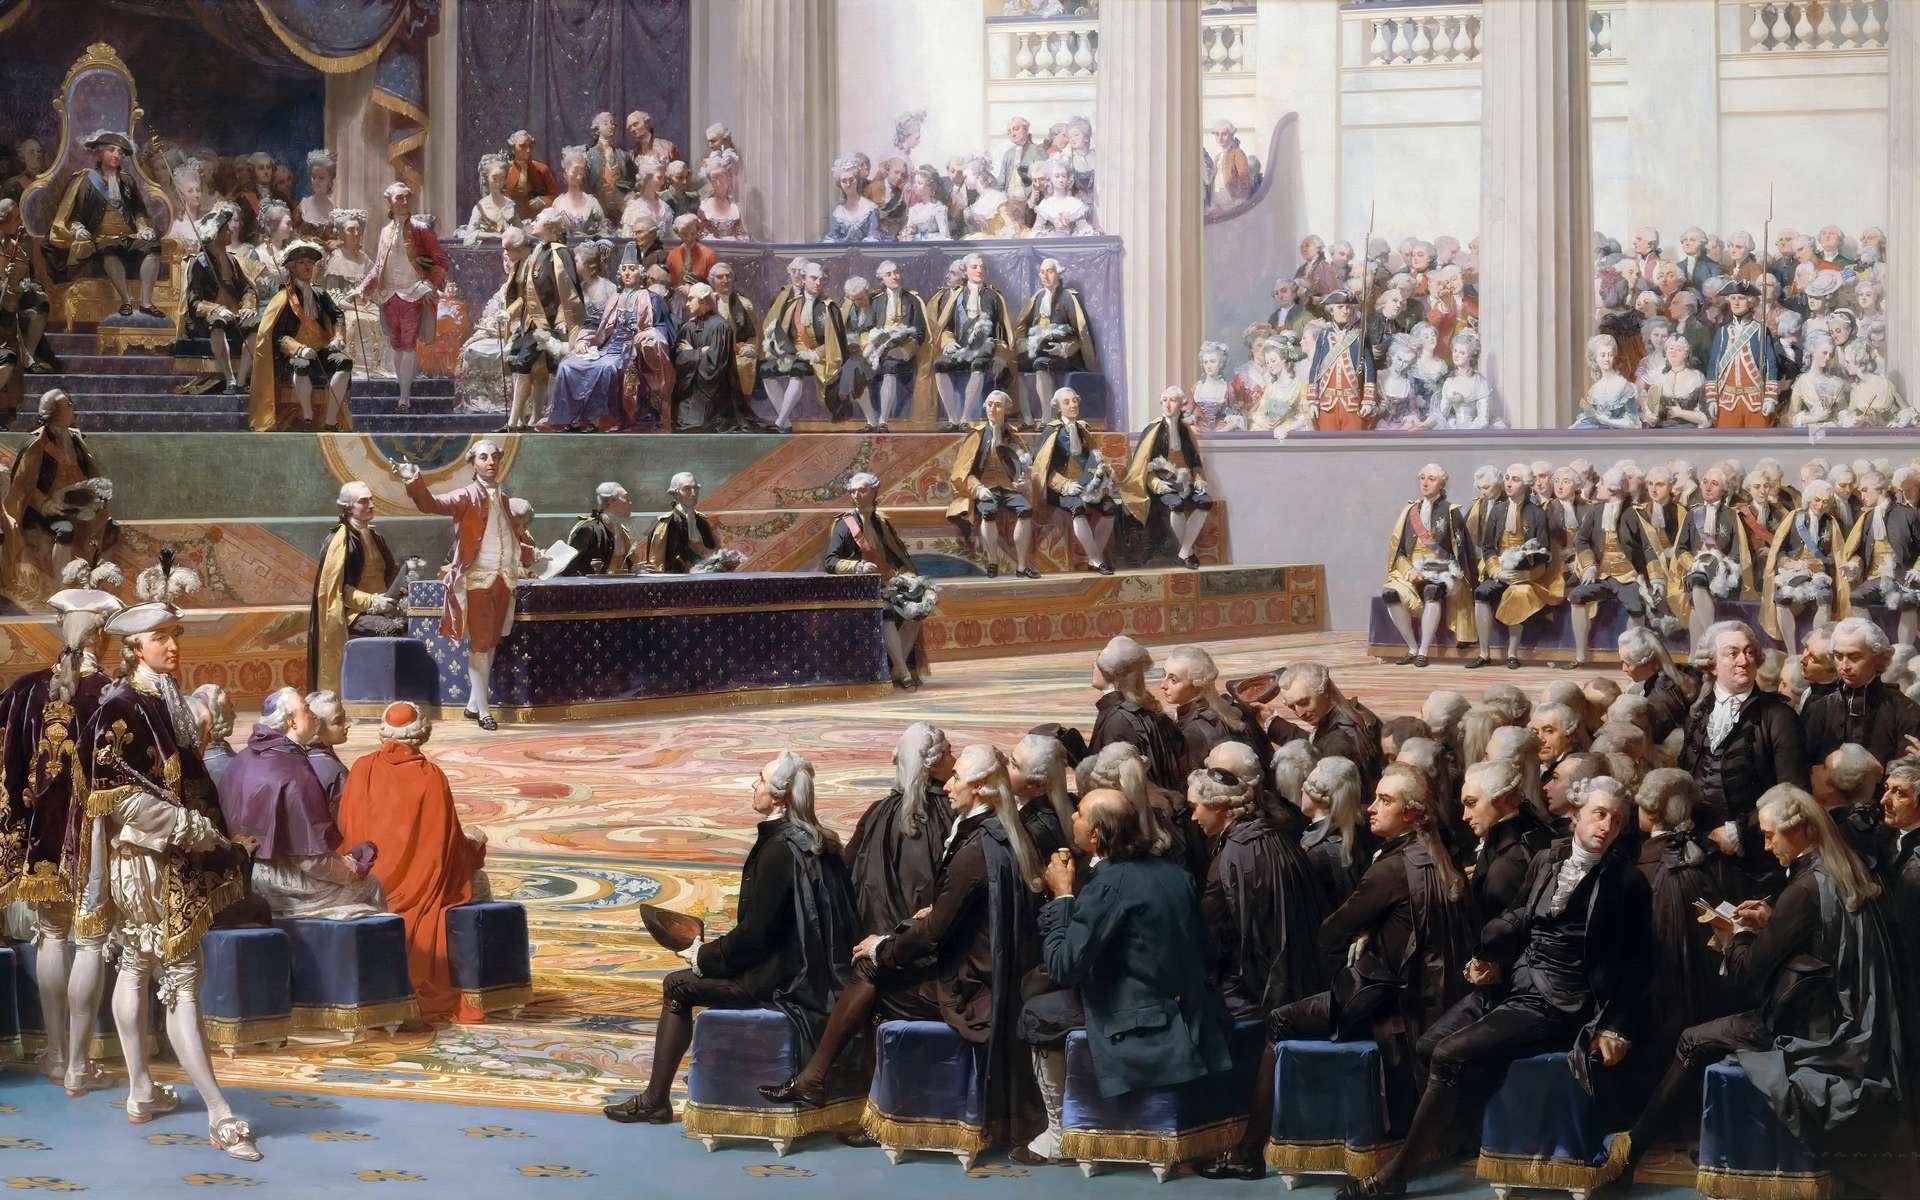 Ouverture des États généraux à Versailles le 5 mai 1789. Toile de Auguste Couder, 1839. © Auguste Couder, Wikimedia Commons, Domaine public